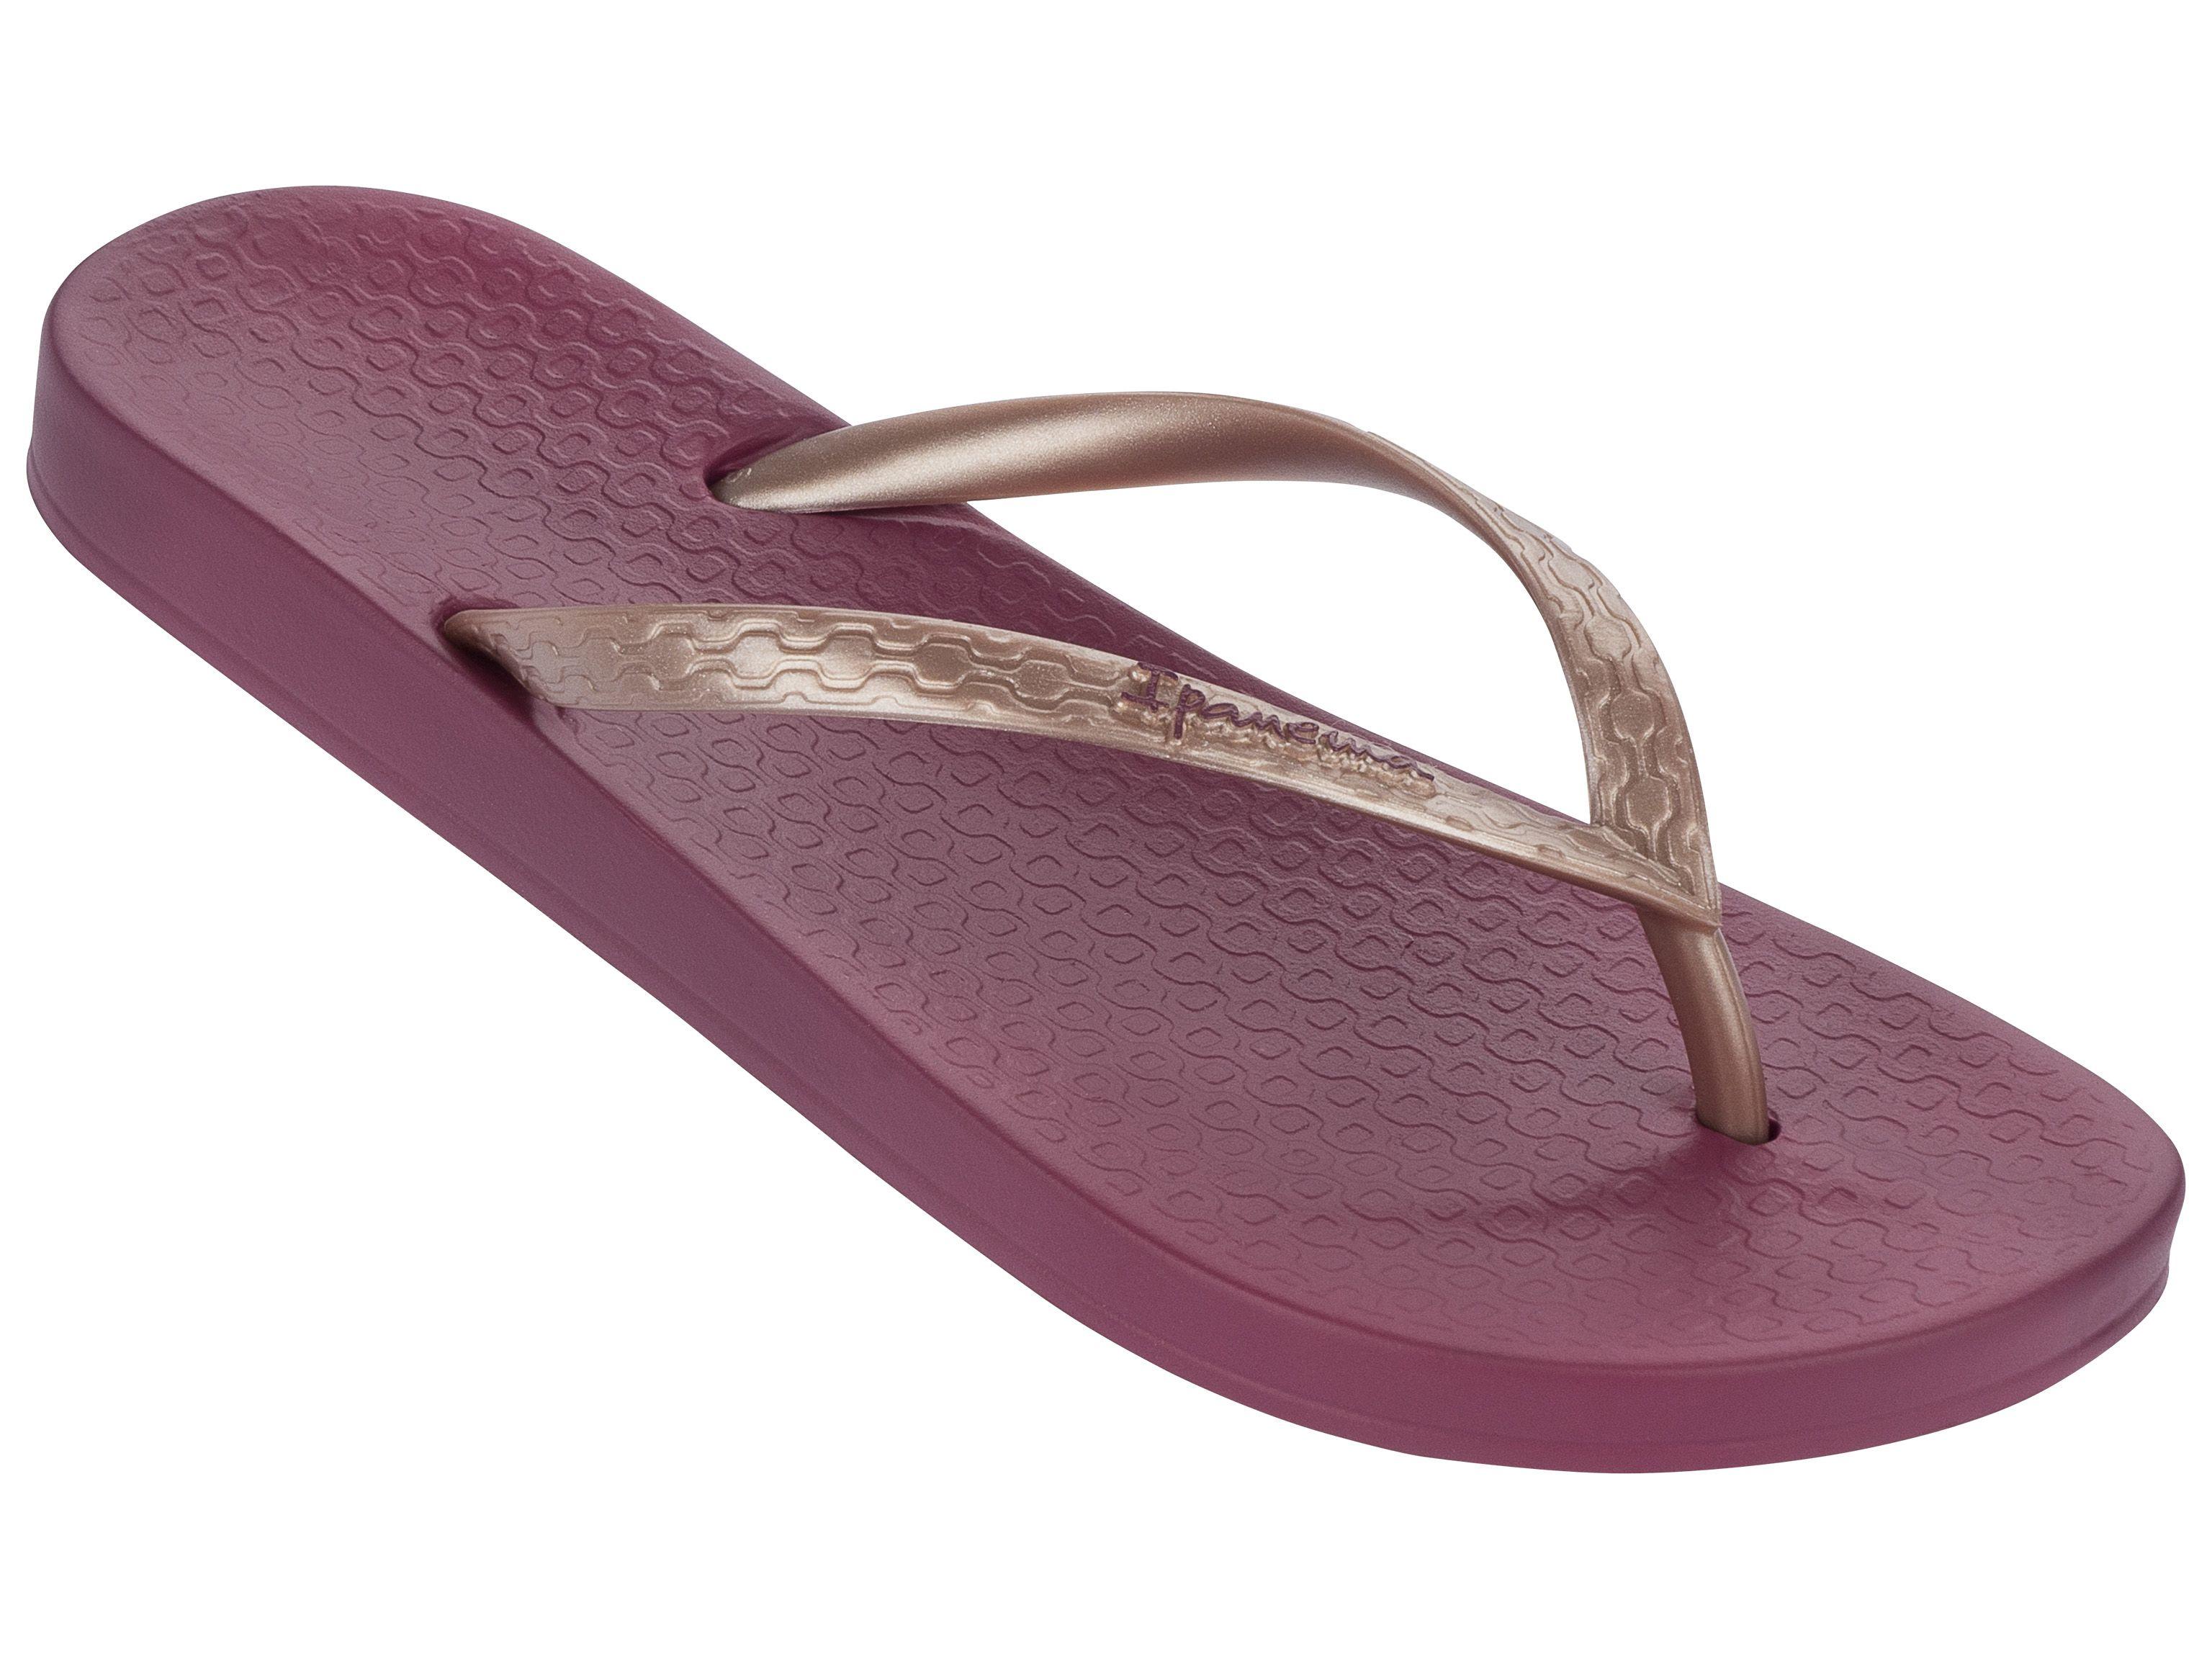 Tropical Frauen Flip-Flops / Sandalen-Purple-38 Ipanema Sehr Günstiger Preis Günstiger Preis Gibt Verschiffen Frei Niedrig Kosten Für Verkauf Vorbestellung Günstig Online Geschäft AXscNHHtYJ